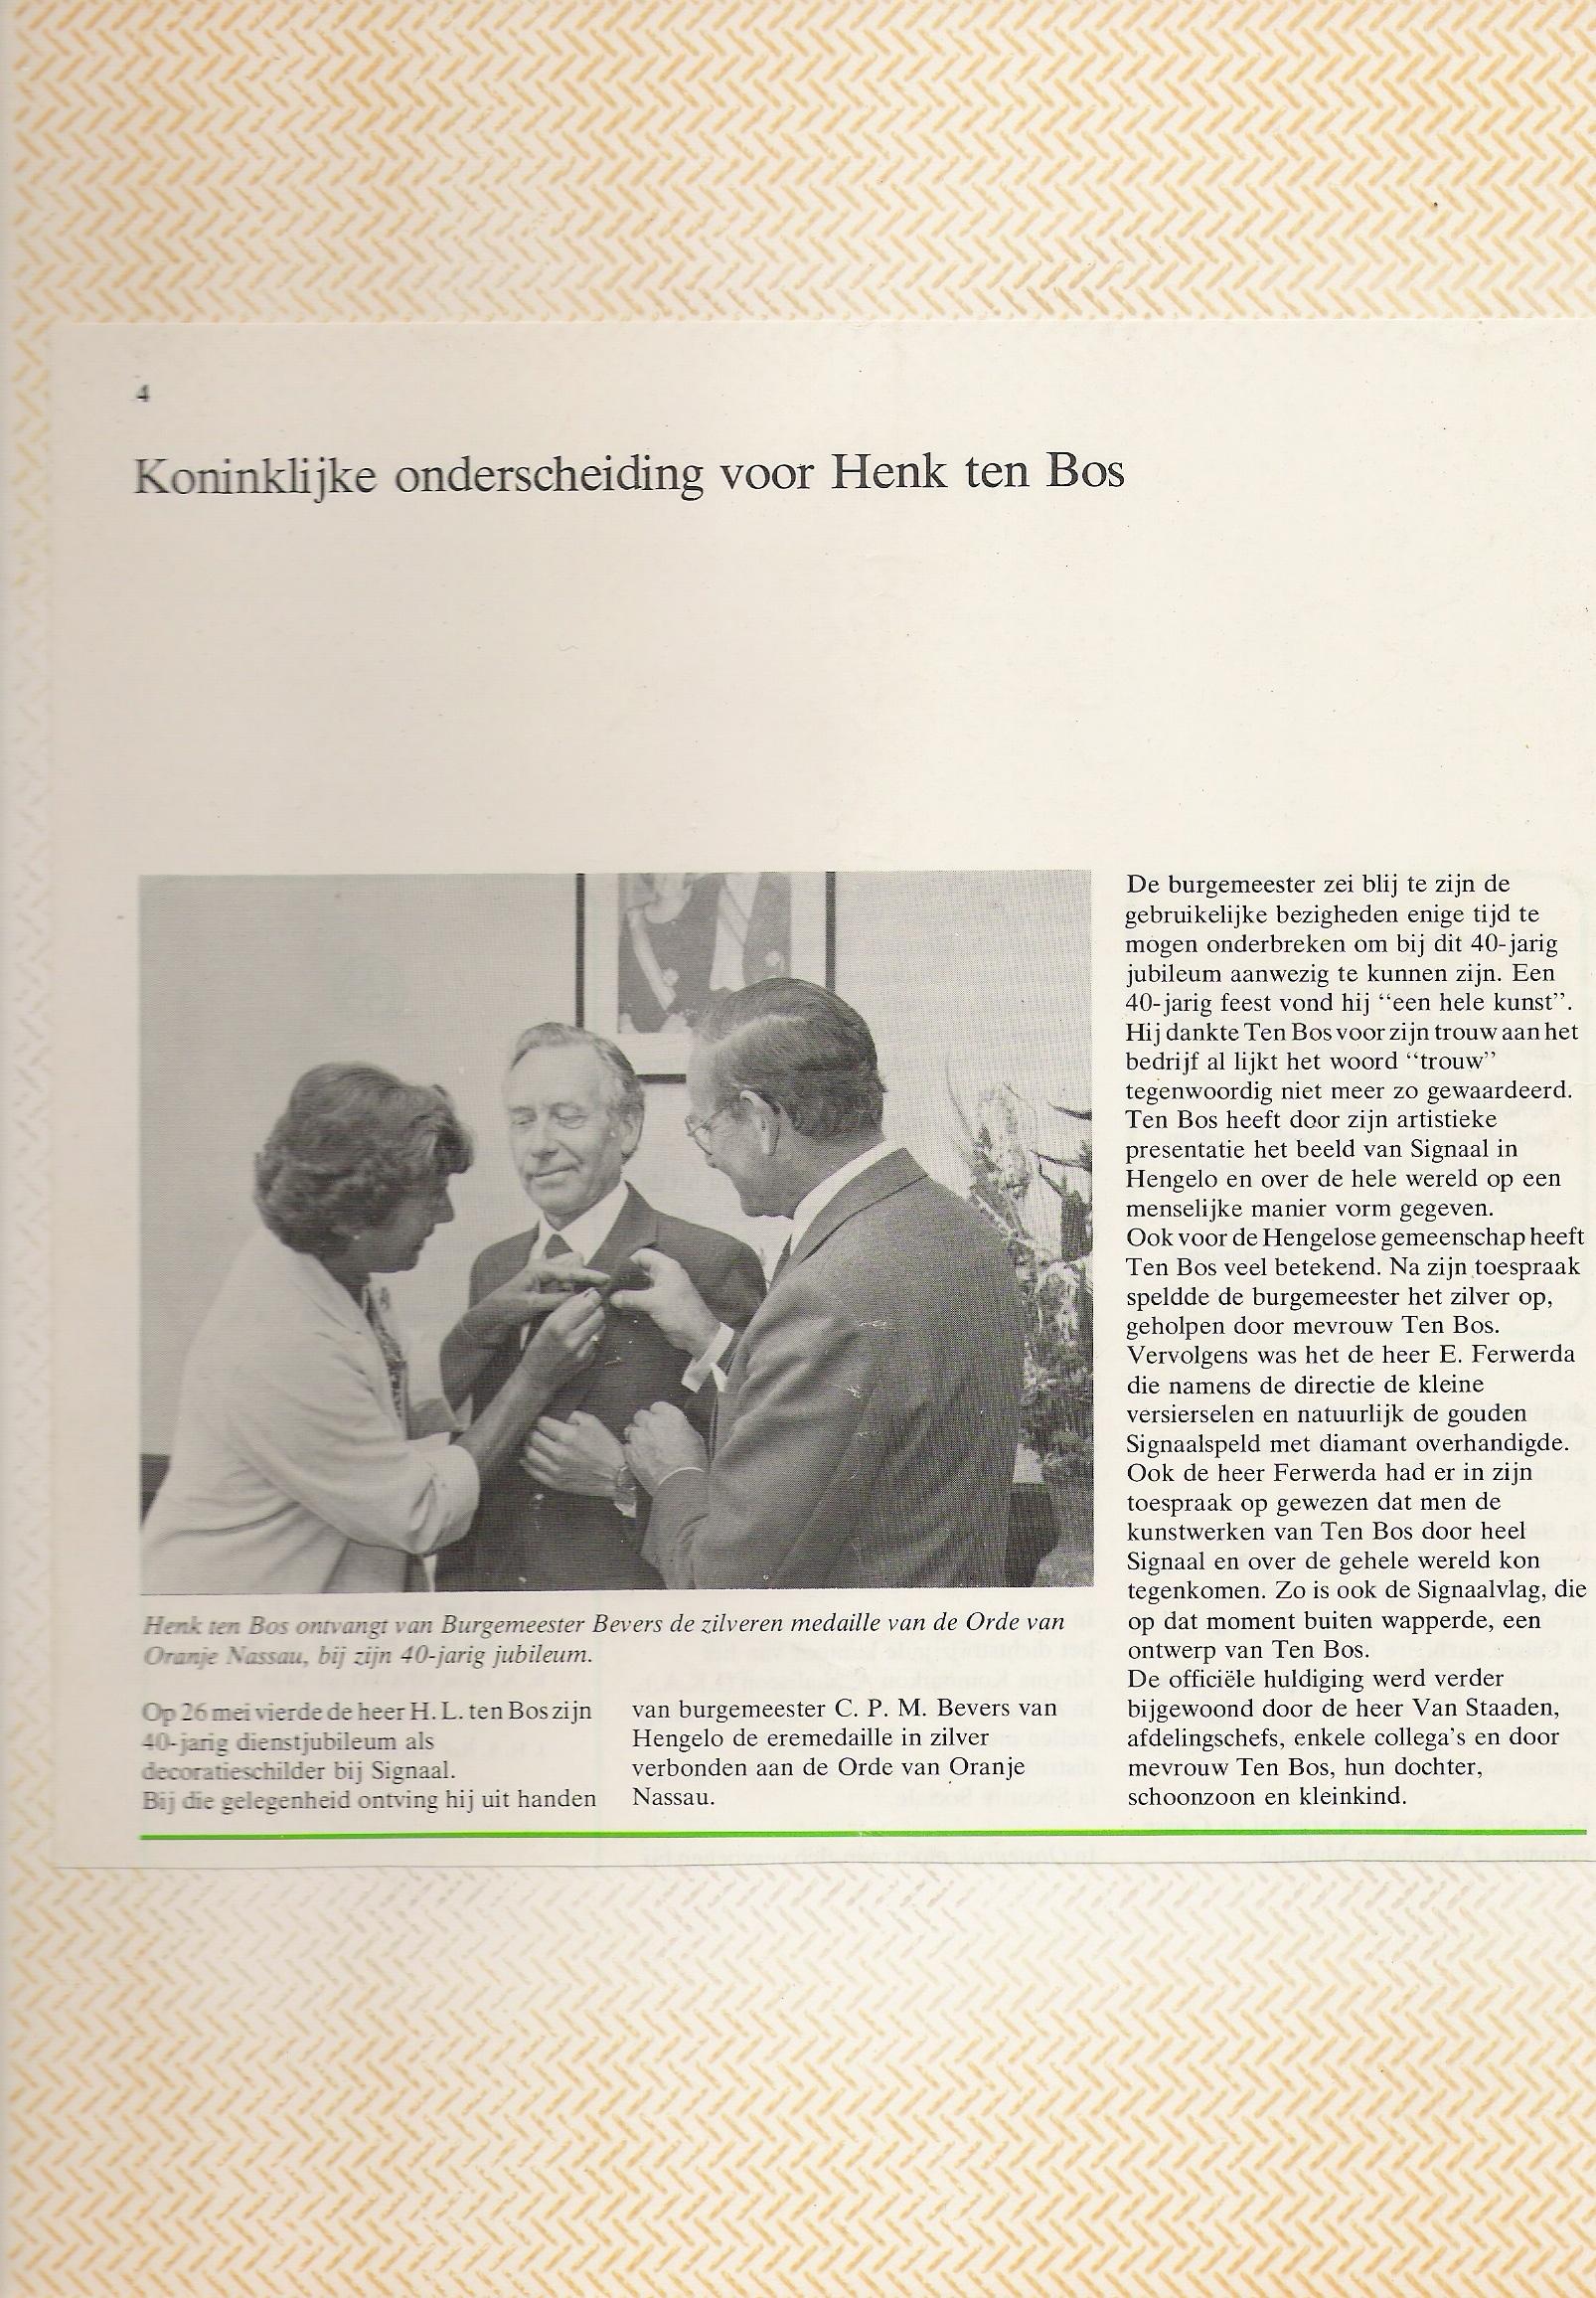 Koninklijke onderscheiding voor H.L. ten Bos